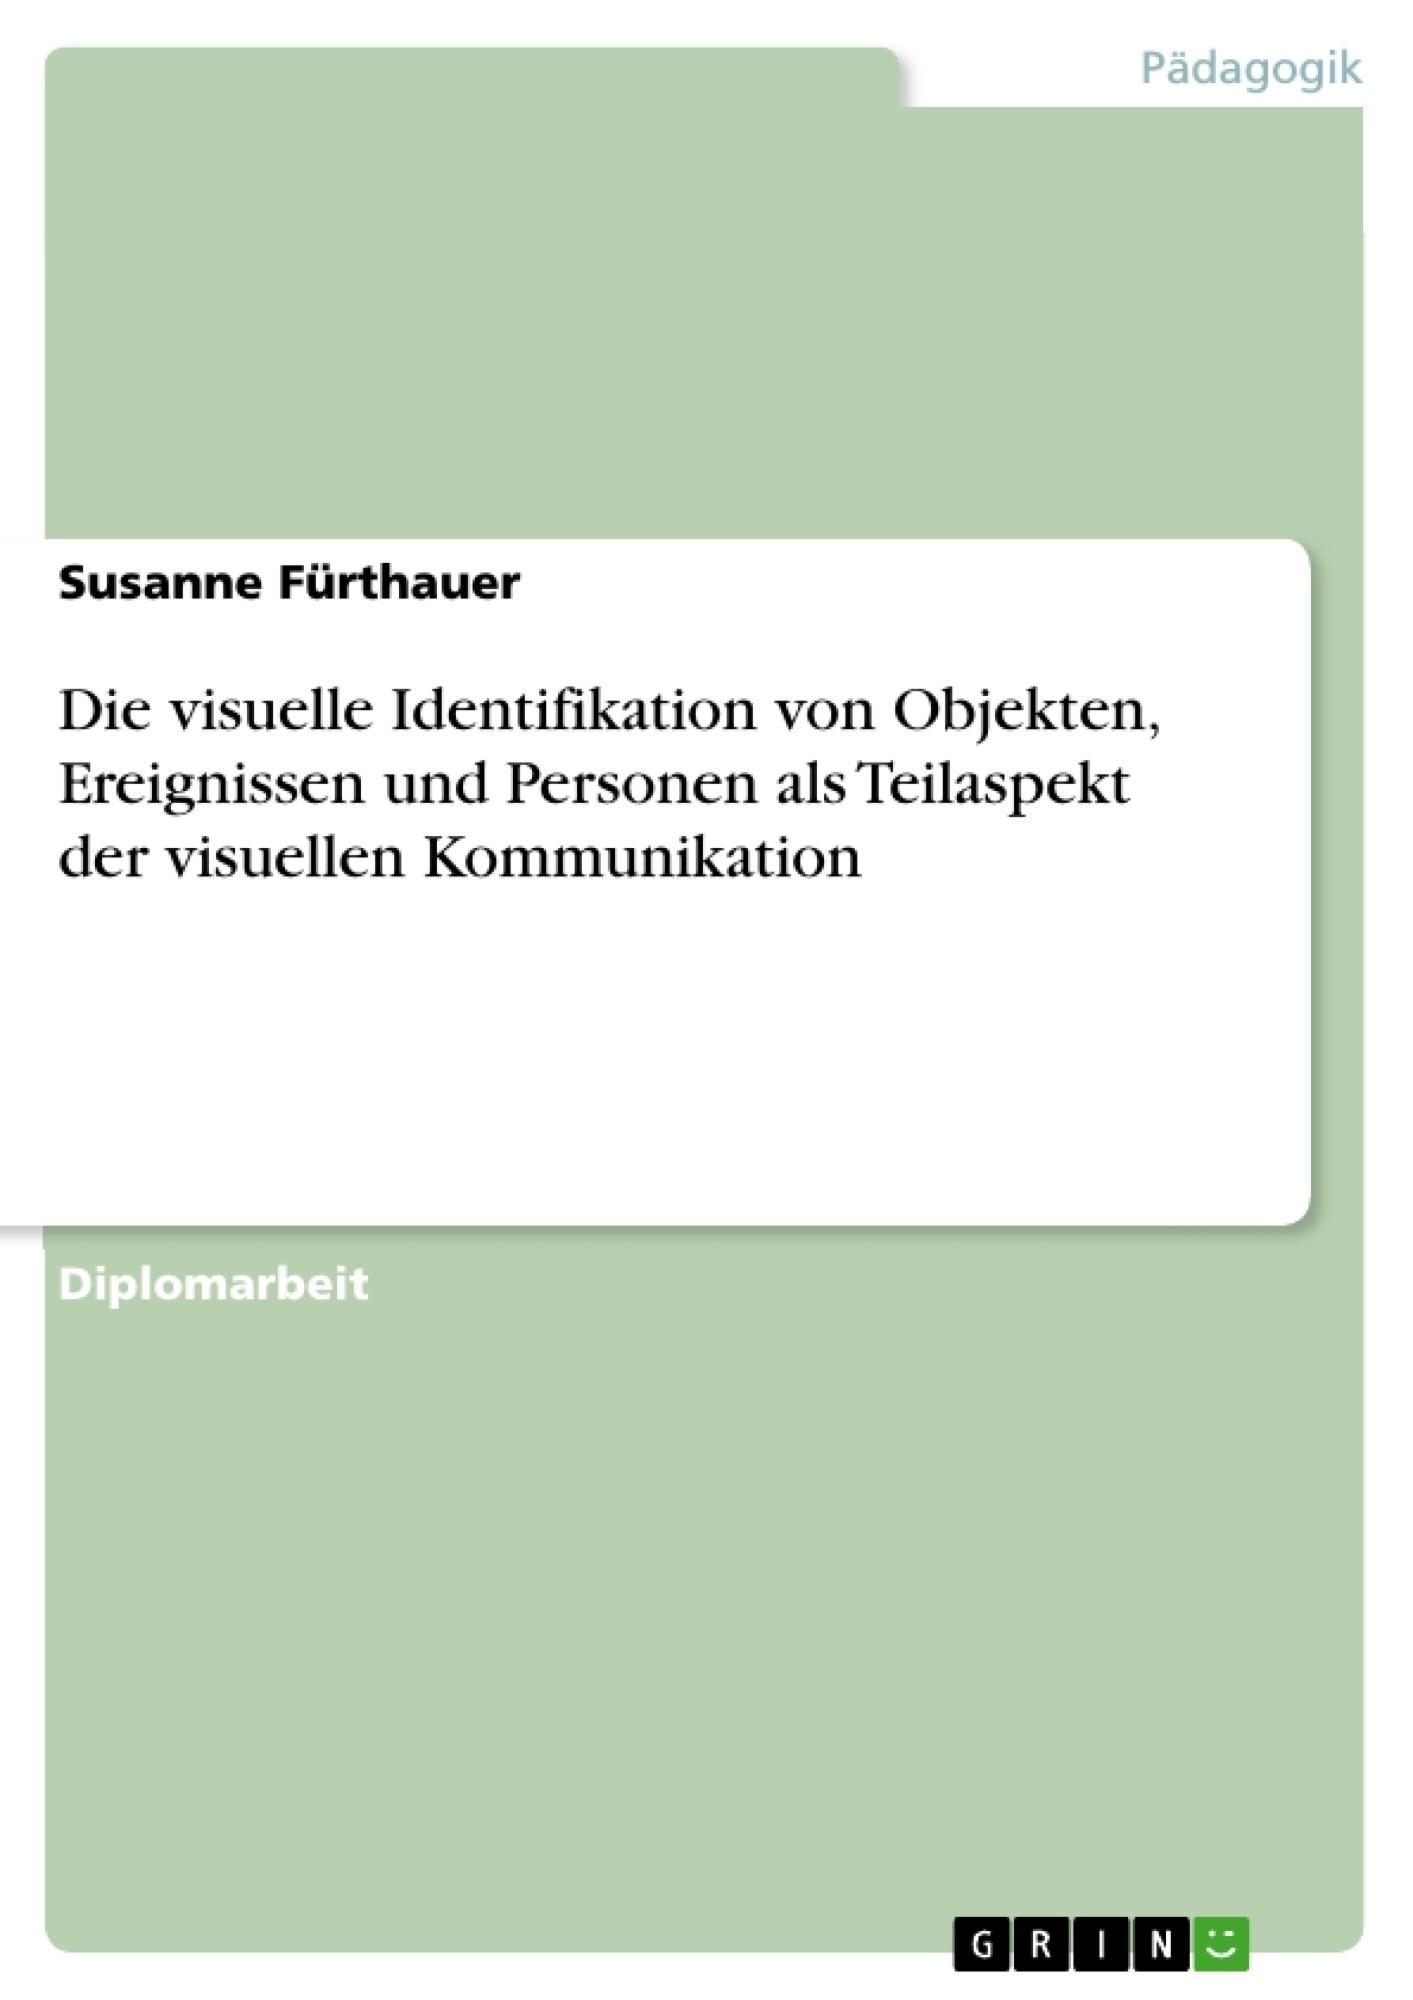 Titel: Die visuelle Identifikation von Objekten, Ereignissen und Personen als Teilaspekt der visuellen Kommunikation